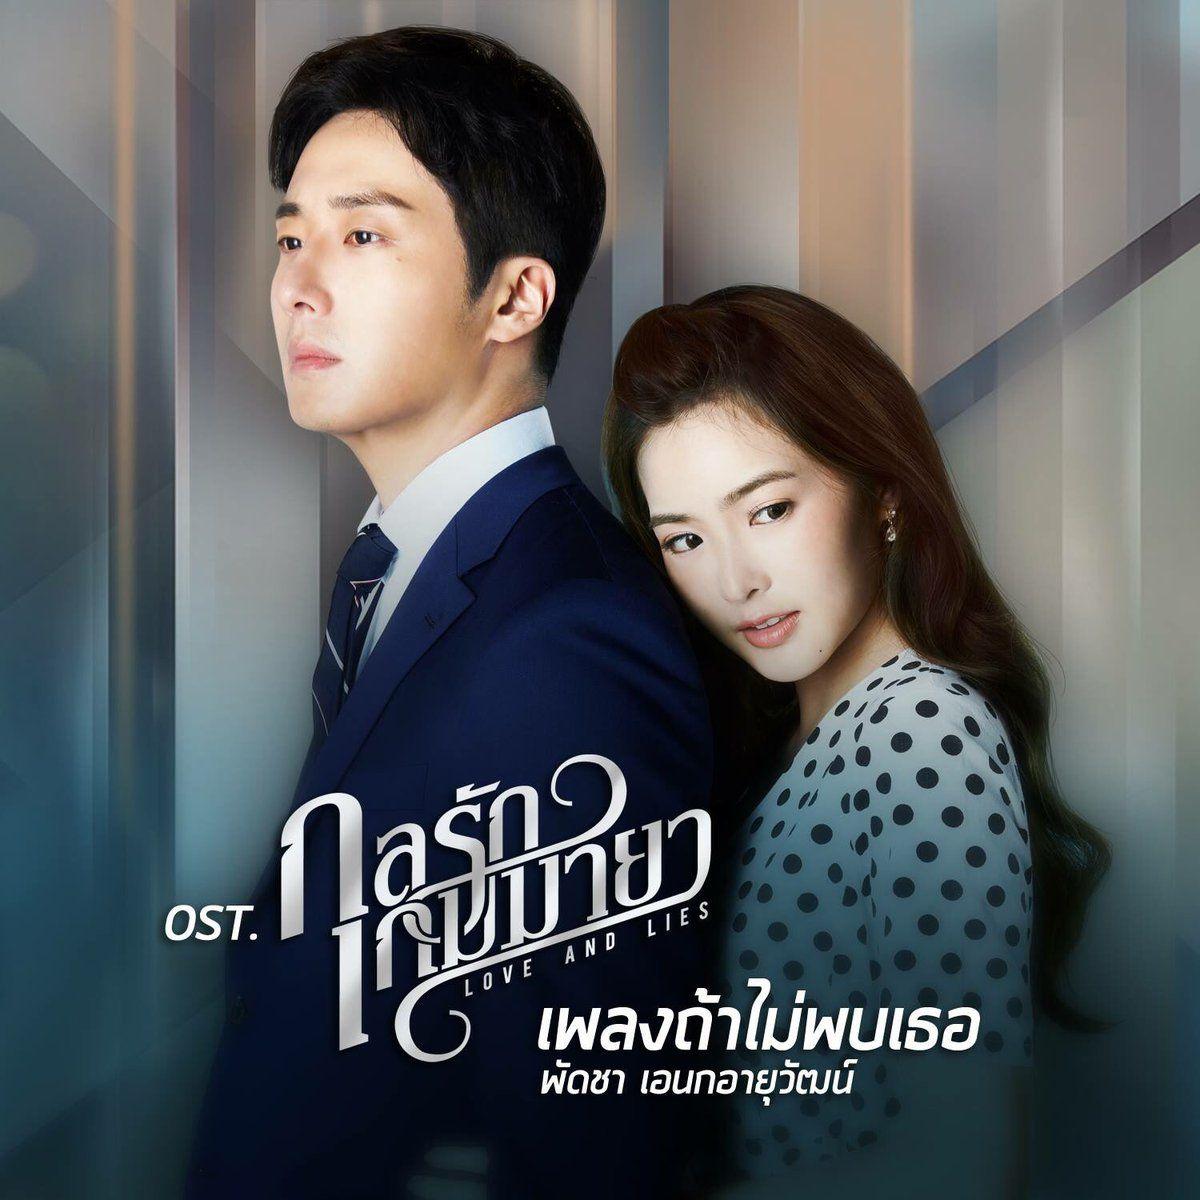 Love And Lies Thai Lakorns Tbw Drama Jung Il Woo Il Woo